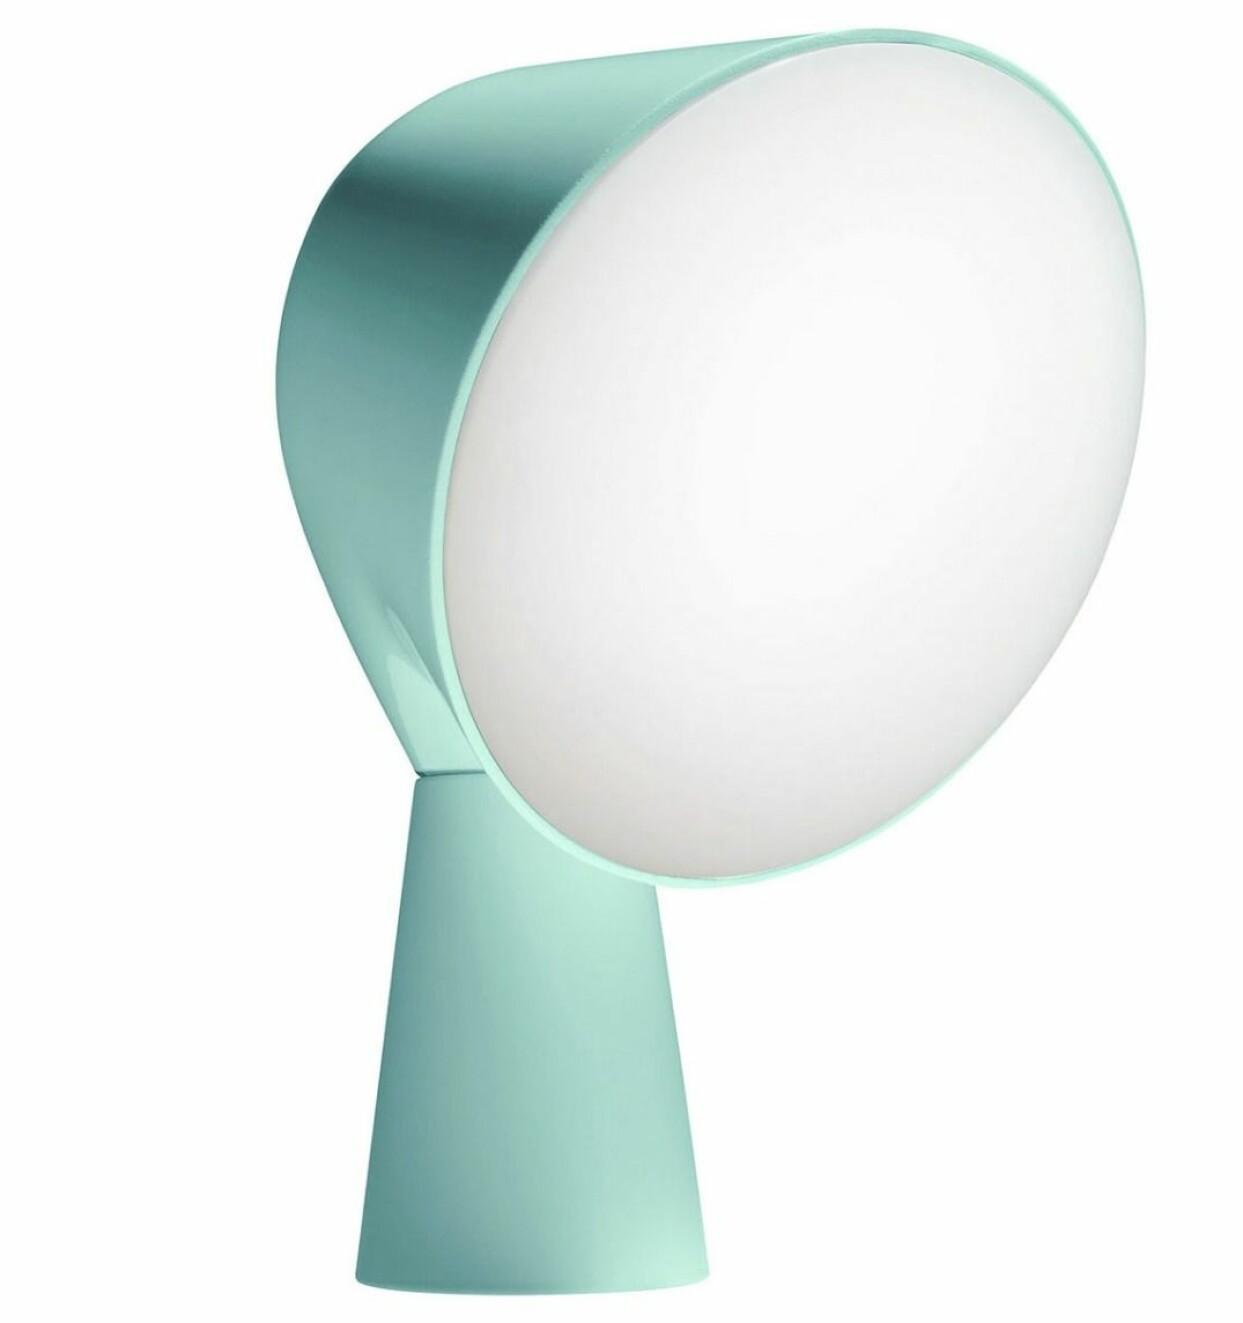 Bordslampa i grönt från Foscarini